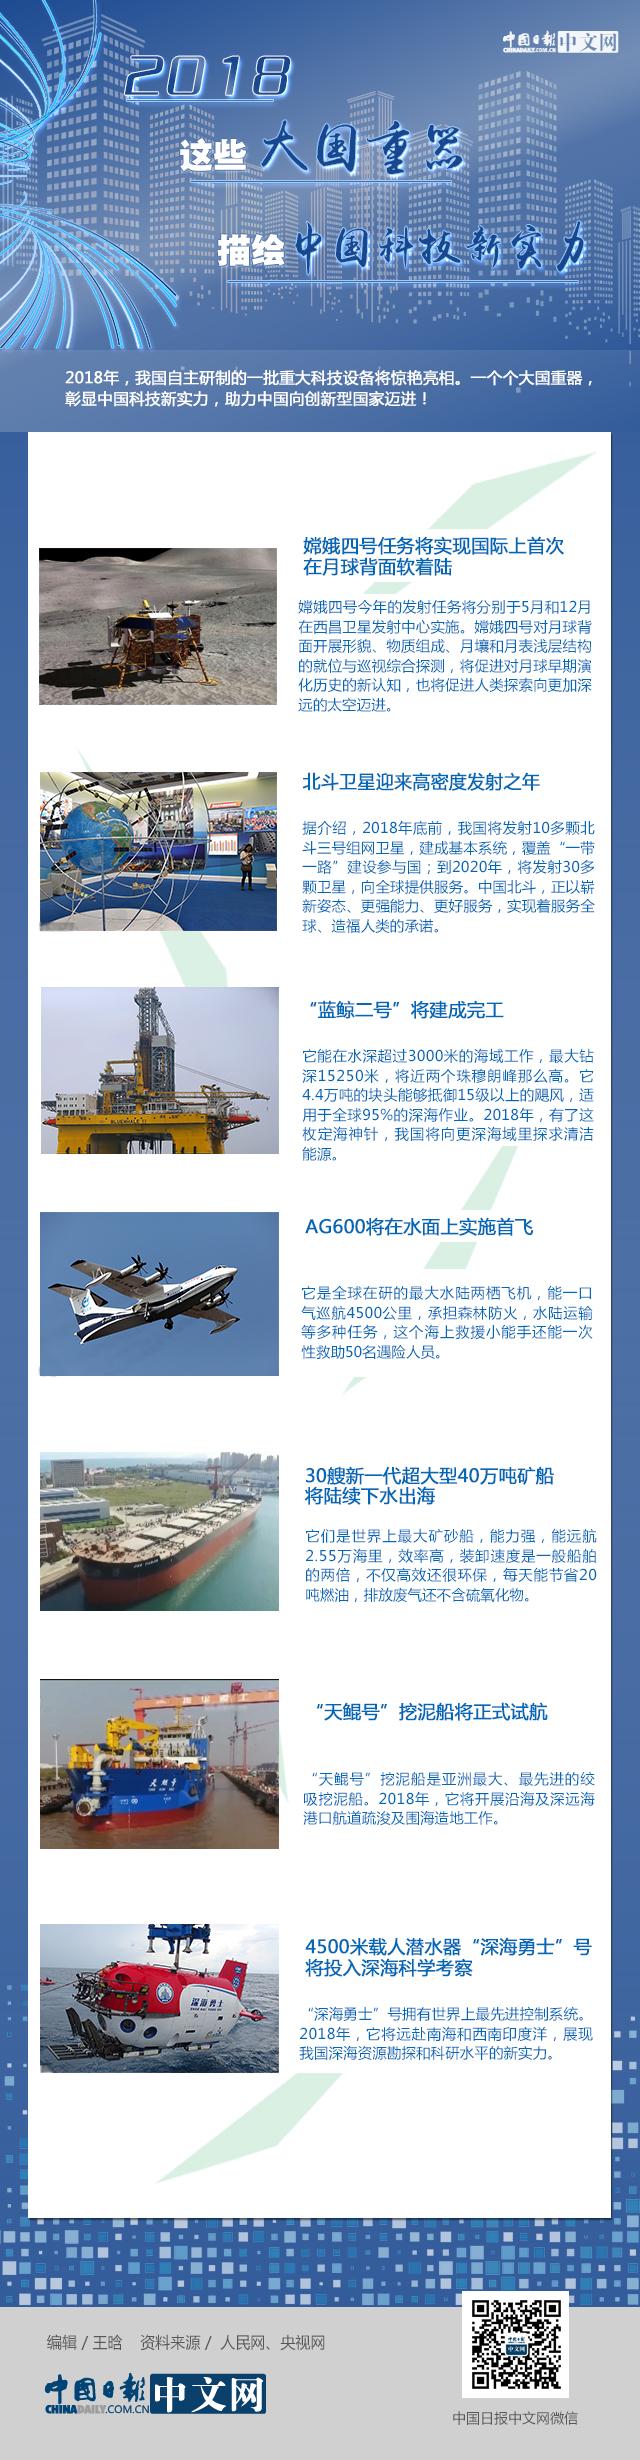 图解:2018这些大国重器描绘中国科技新实力 - 纳兰容若 - 纳兰容若